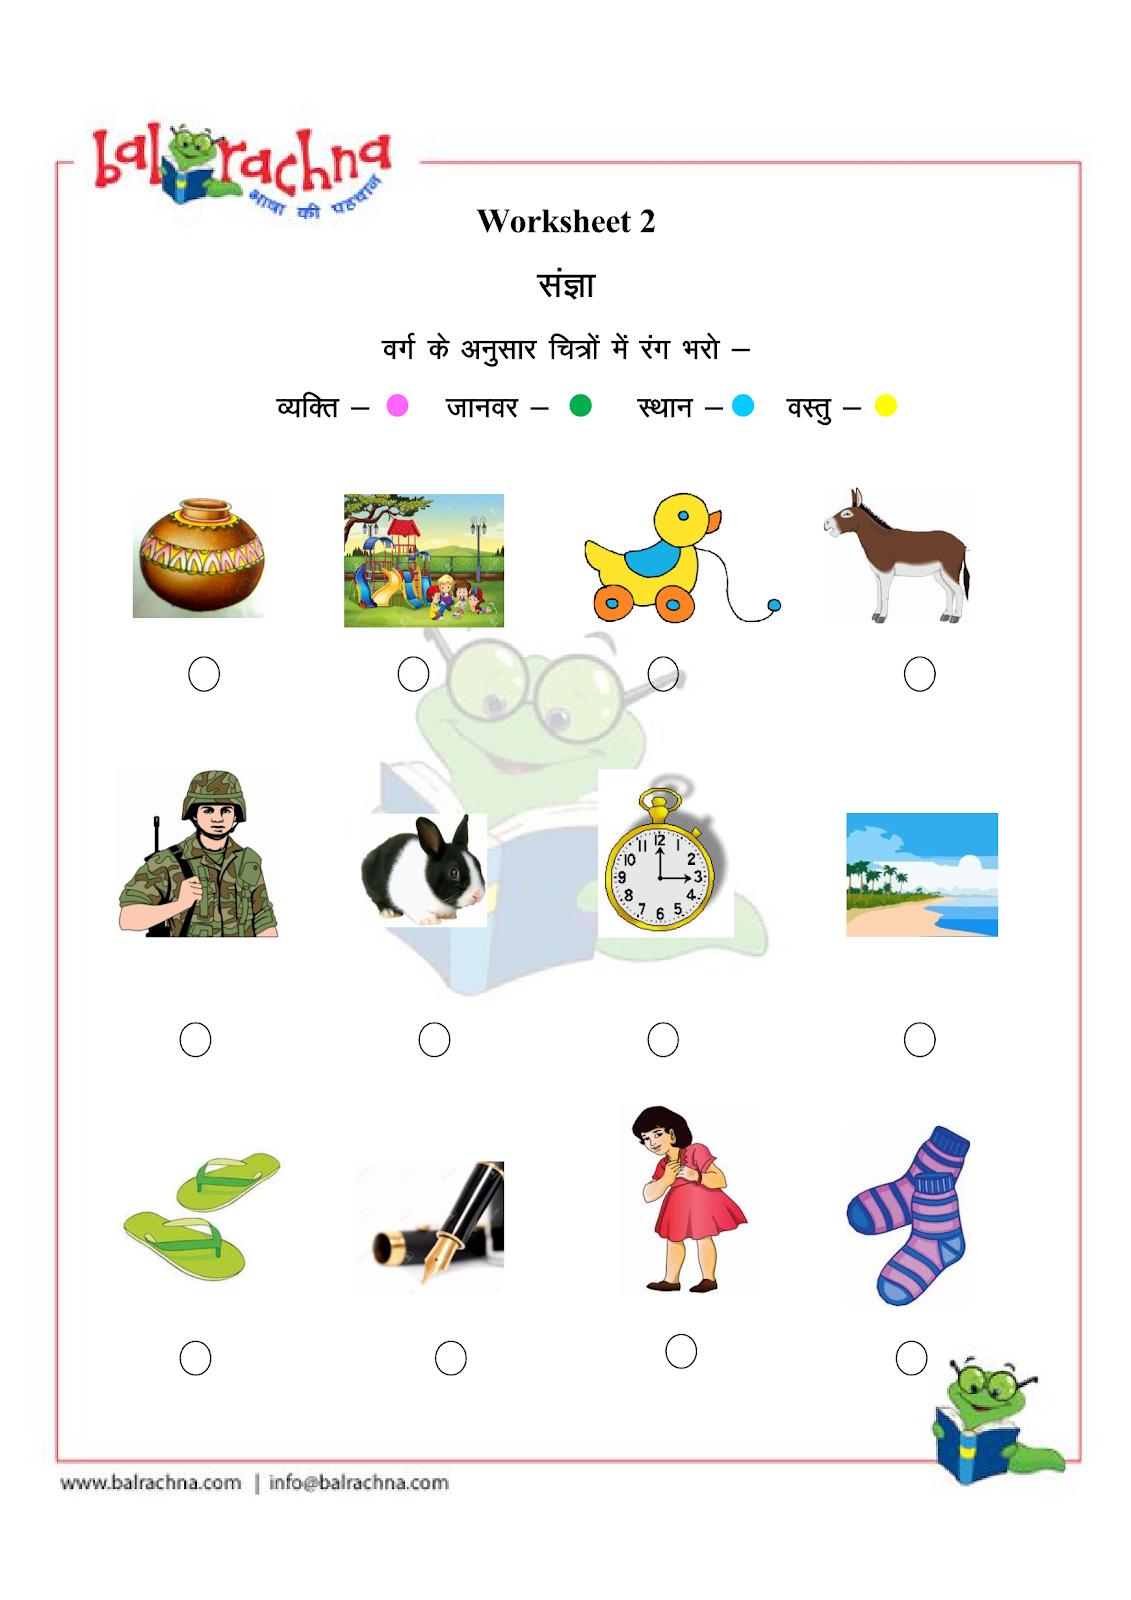 Balrachna Sangya Noun 1e Naming Words For Preschool